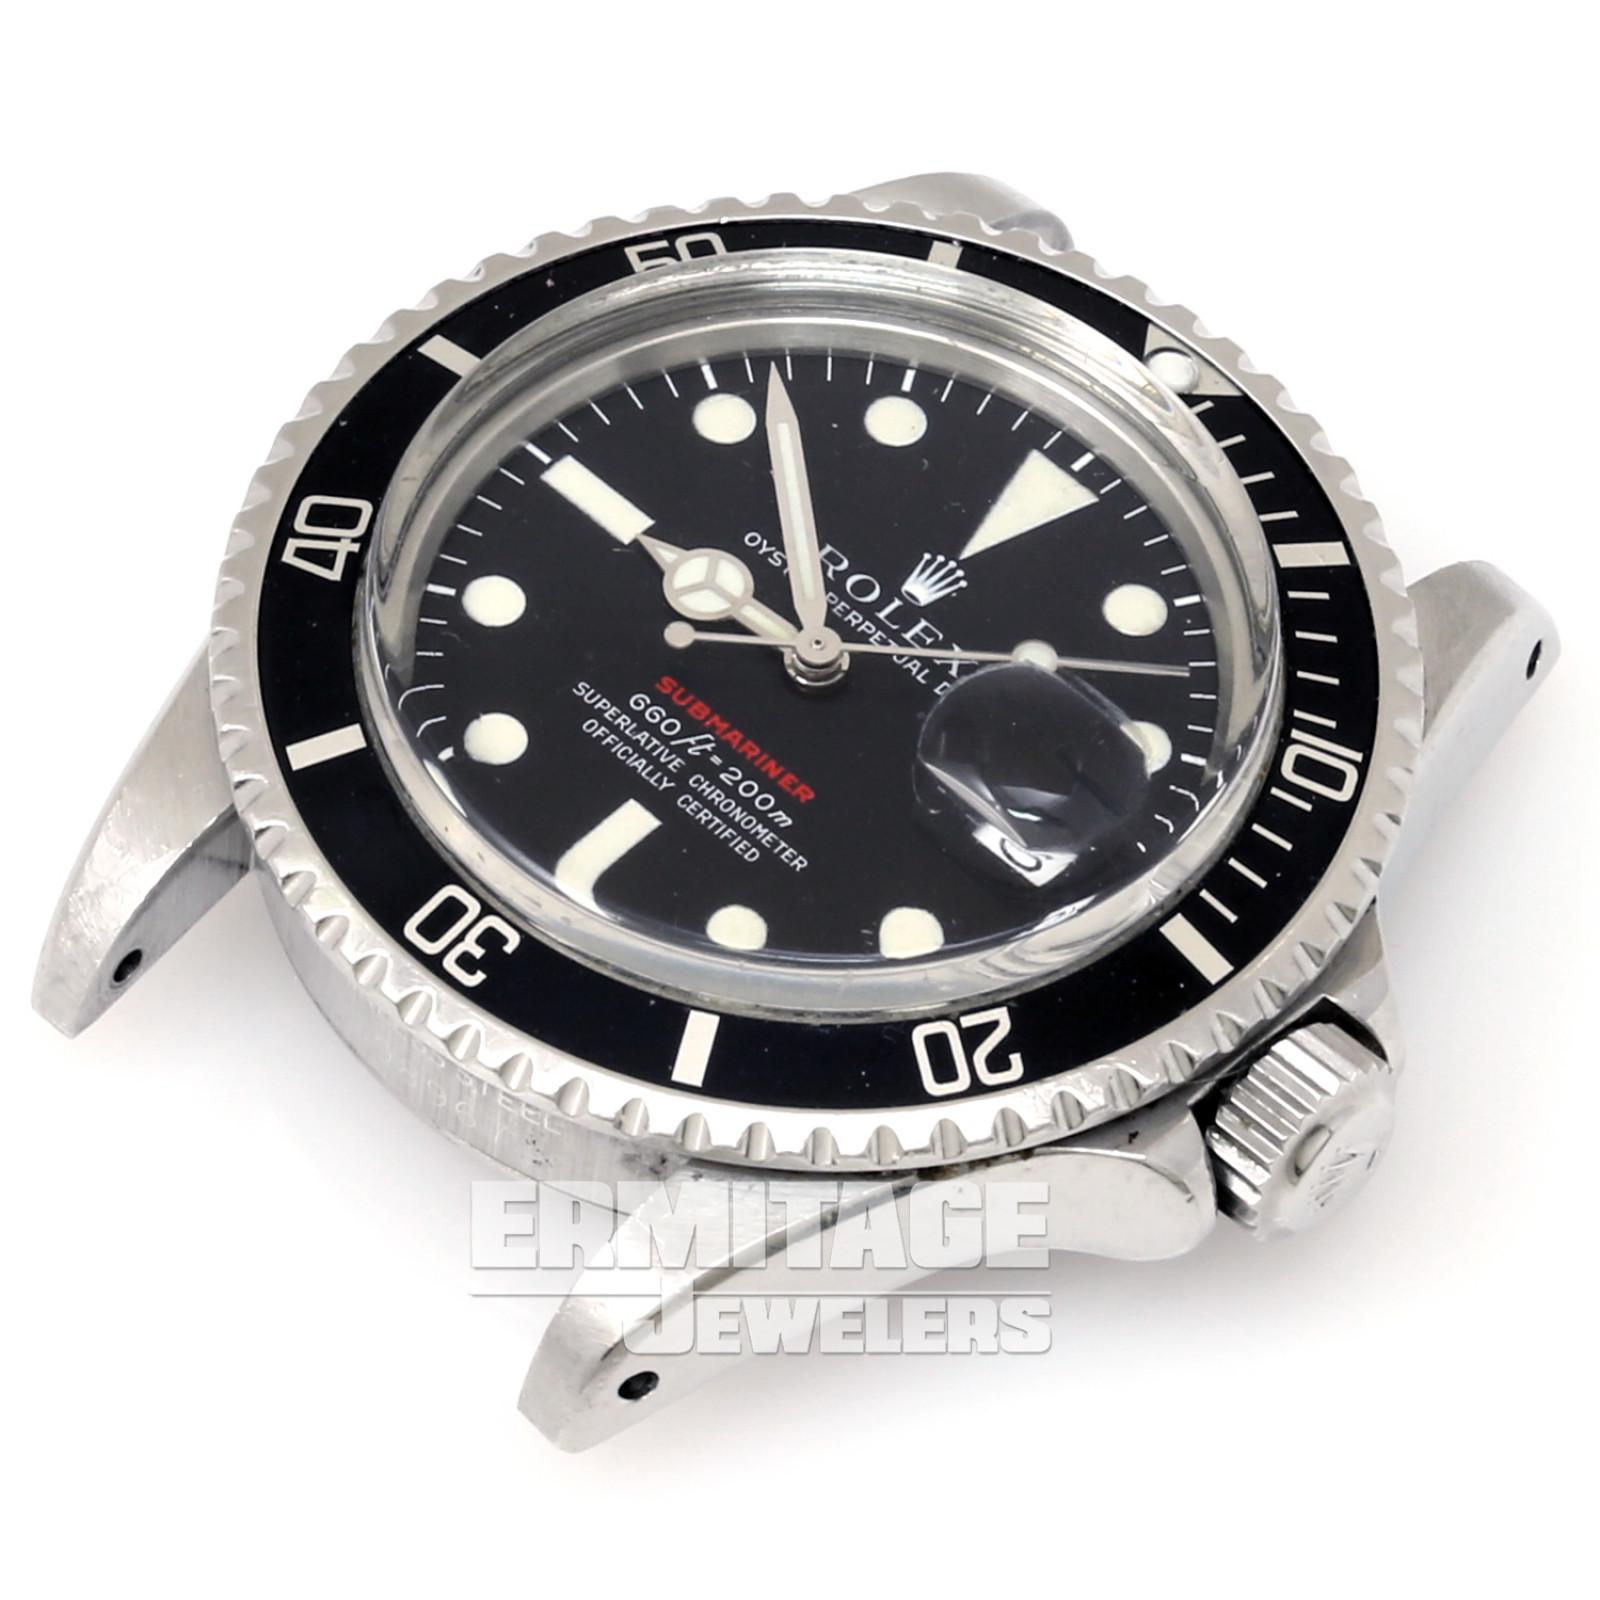 Mark 4 Vintage Rolex Submariner 1680